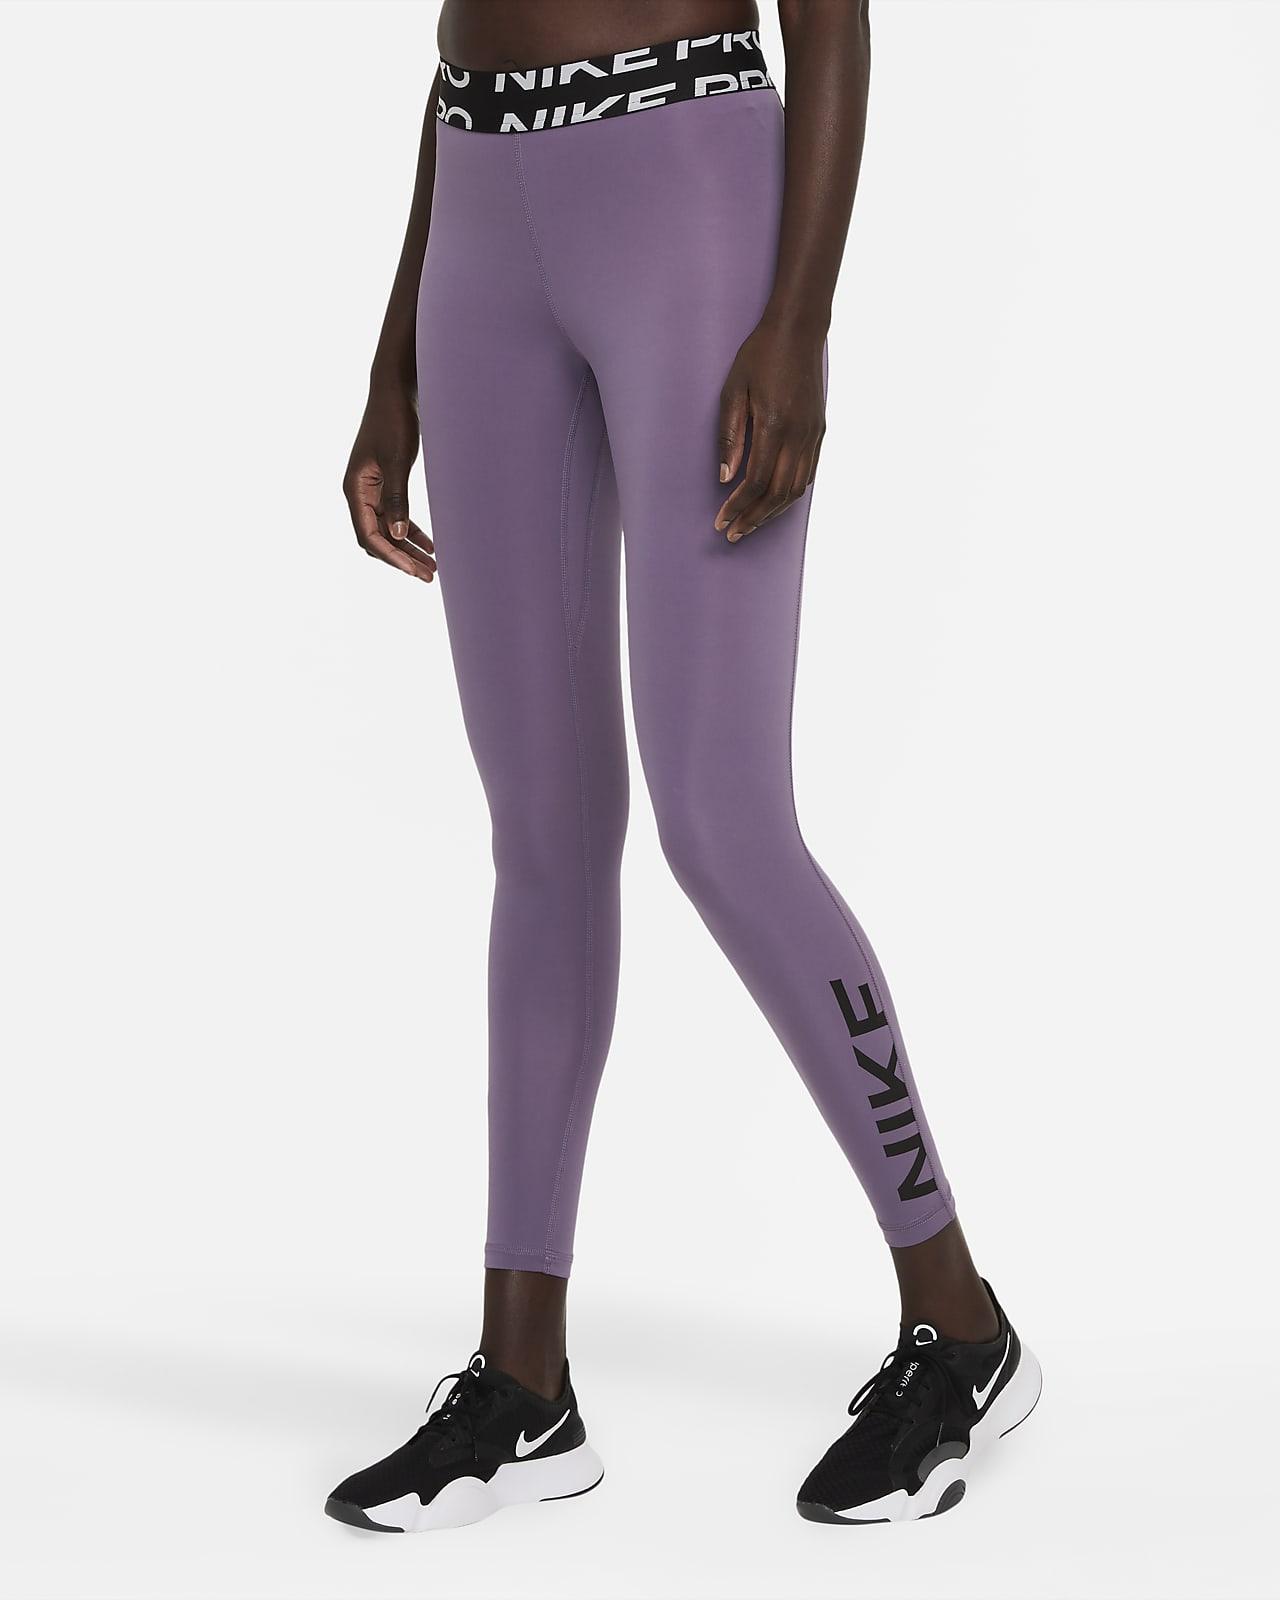 Nike Pro Dri-FIT Women's Mid-Rise Graphic Leggings